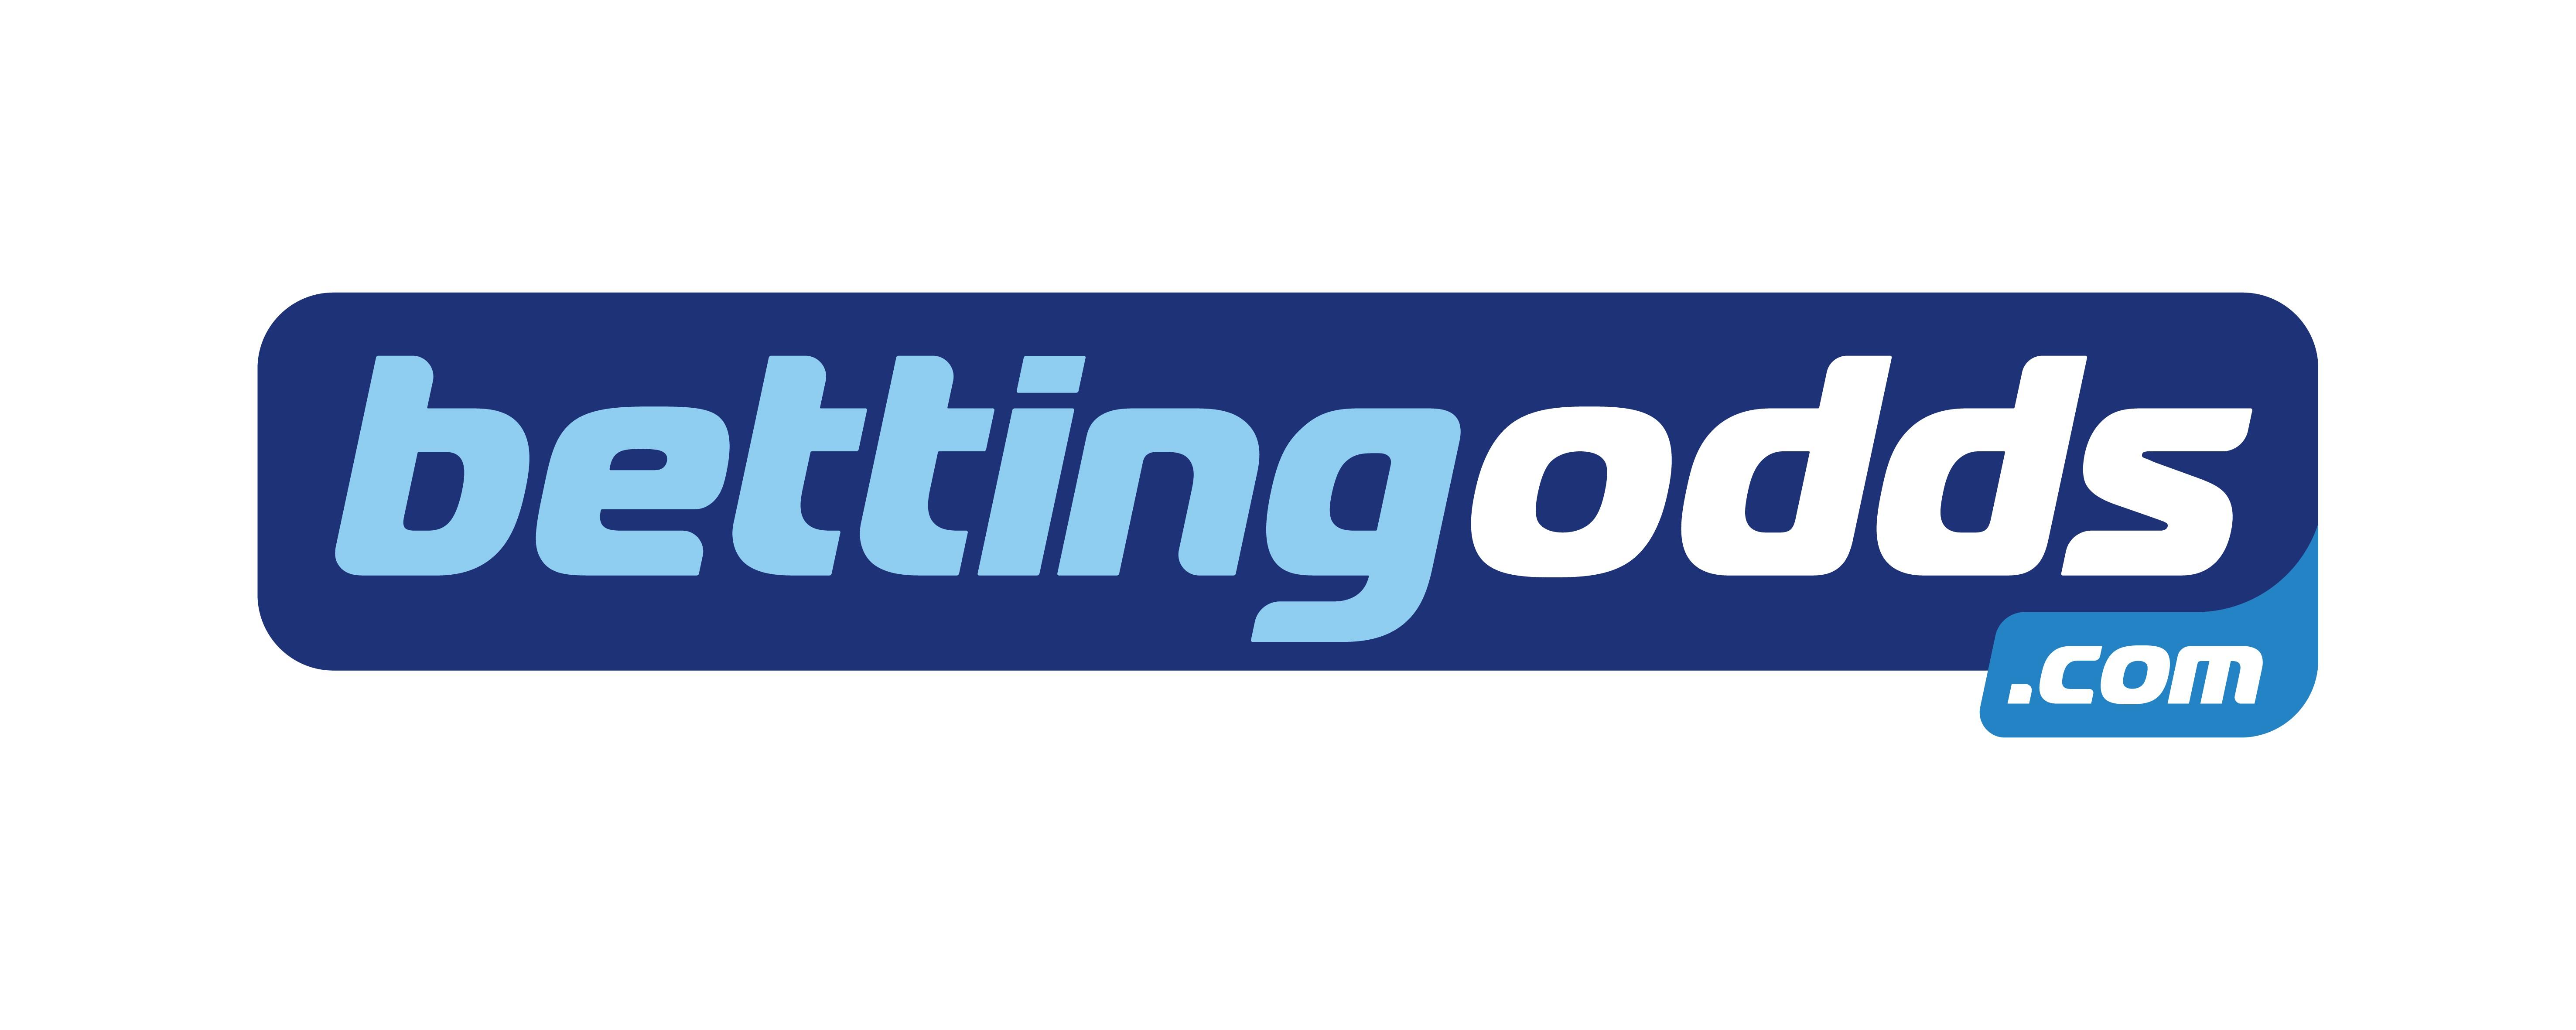 BettingOdds.com logo